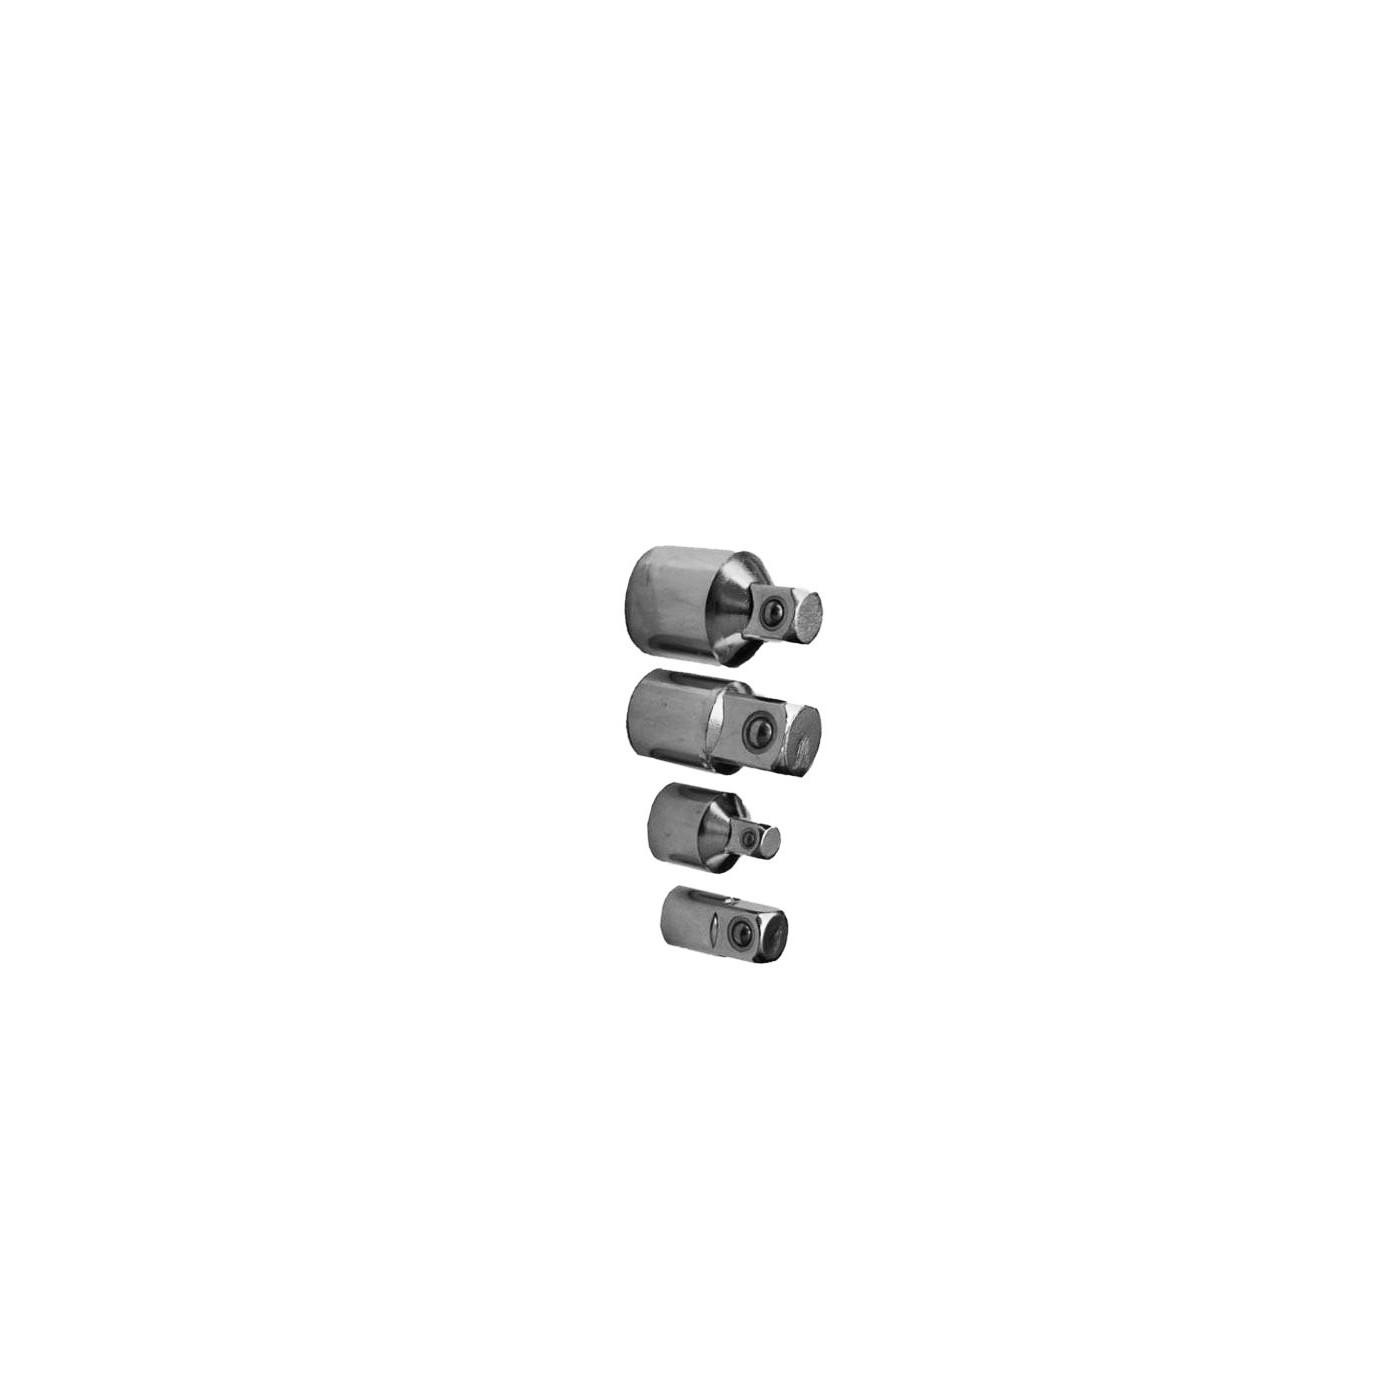 Adattatori presa (4 pezzi)